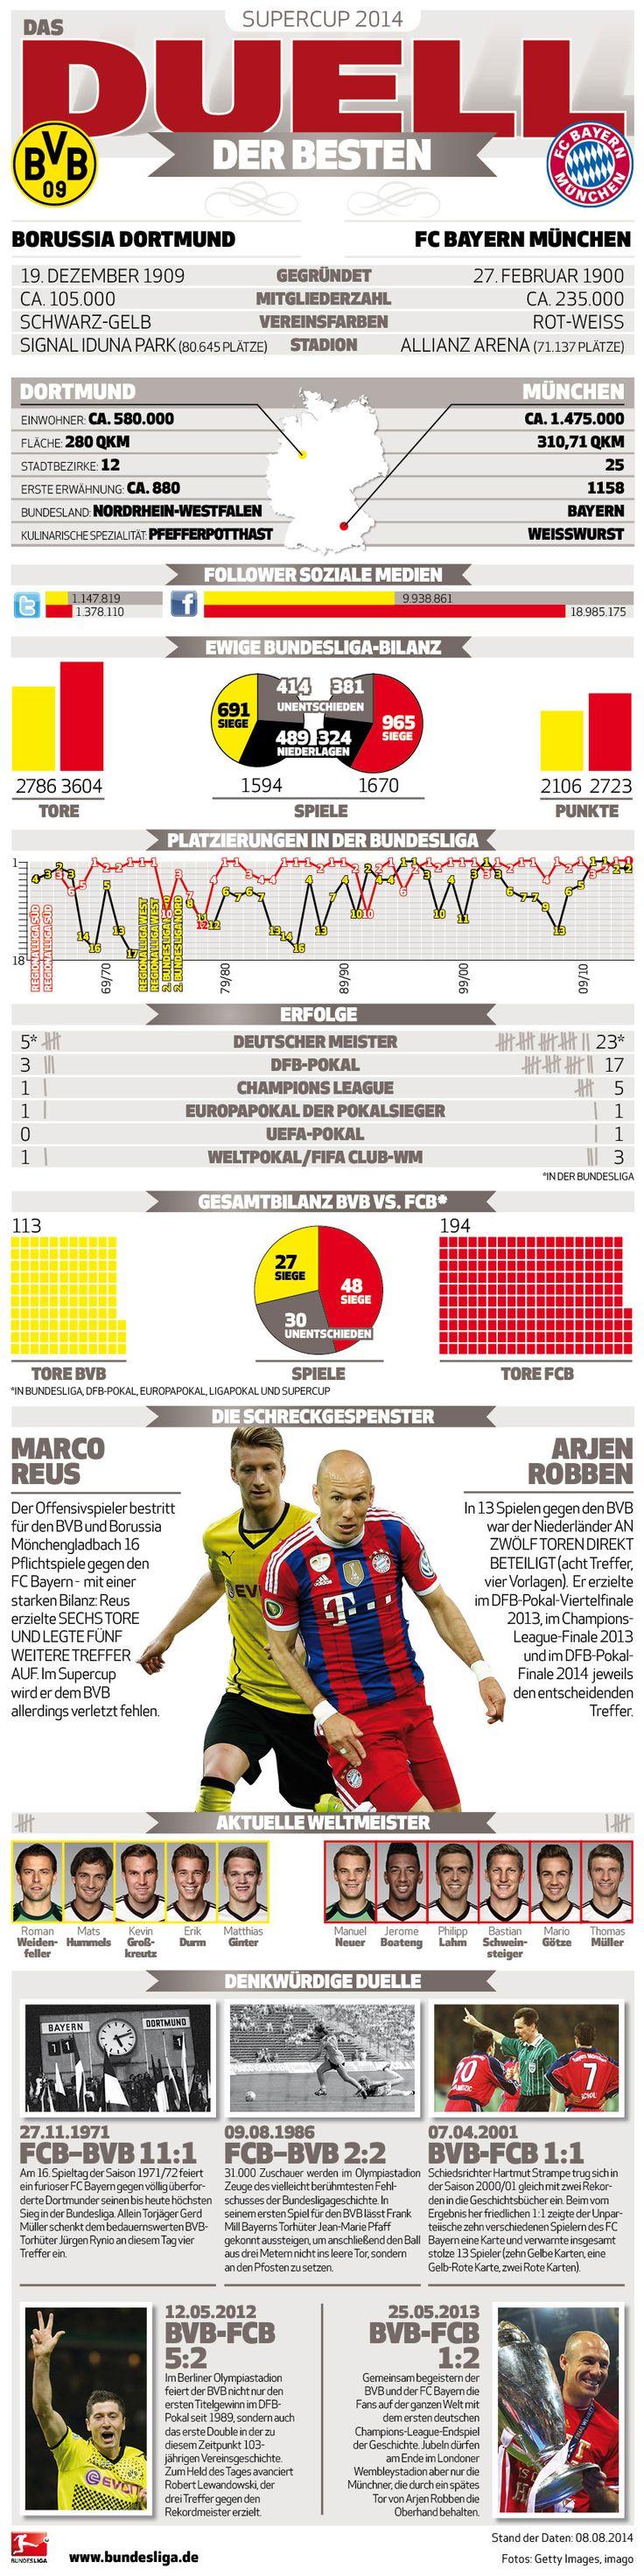 Supercup 2014: Das Duell der Besten | Borussia Dortmund gegen Bayern München - News - Bundesliga - bundesliga.de - die offizielle Webseite der Bundesliga